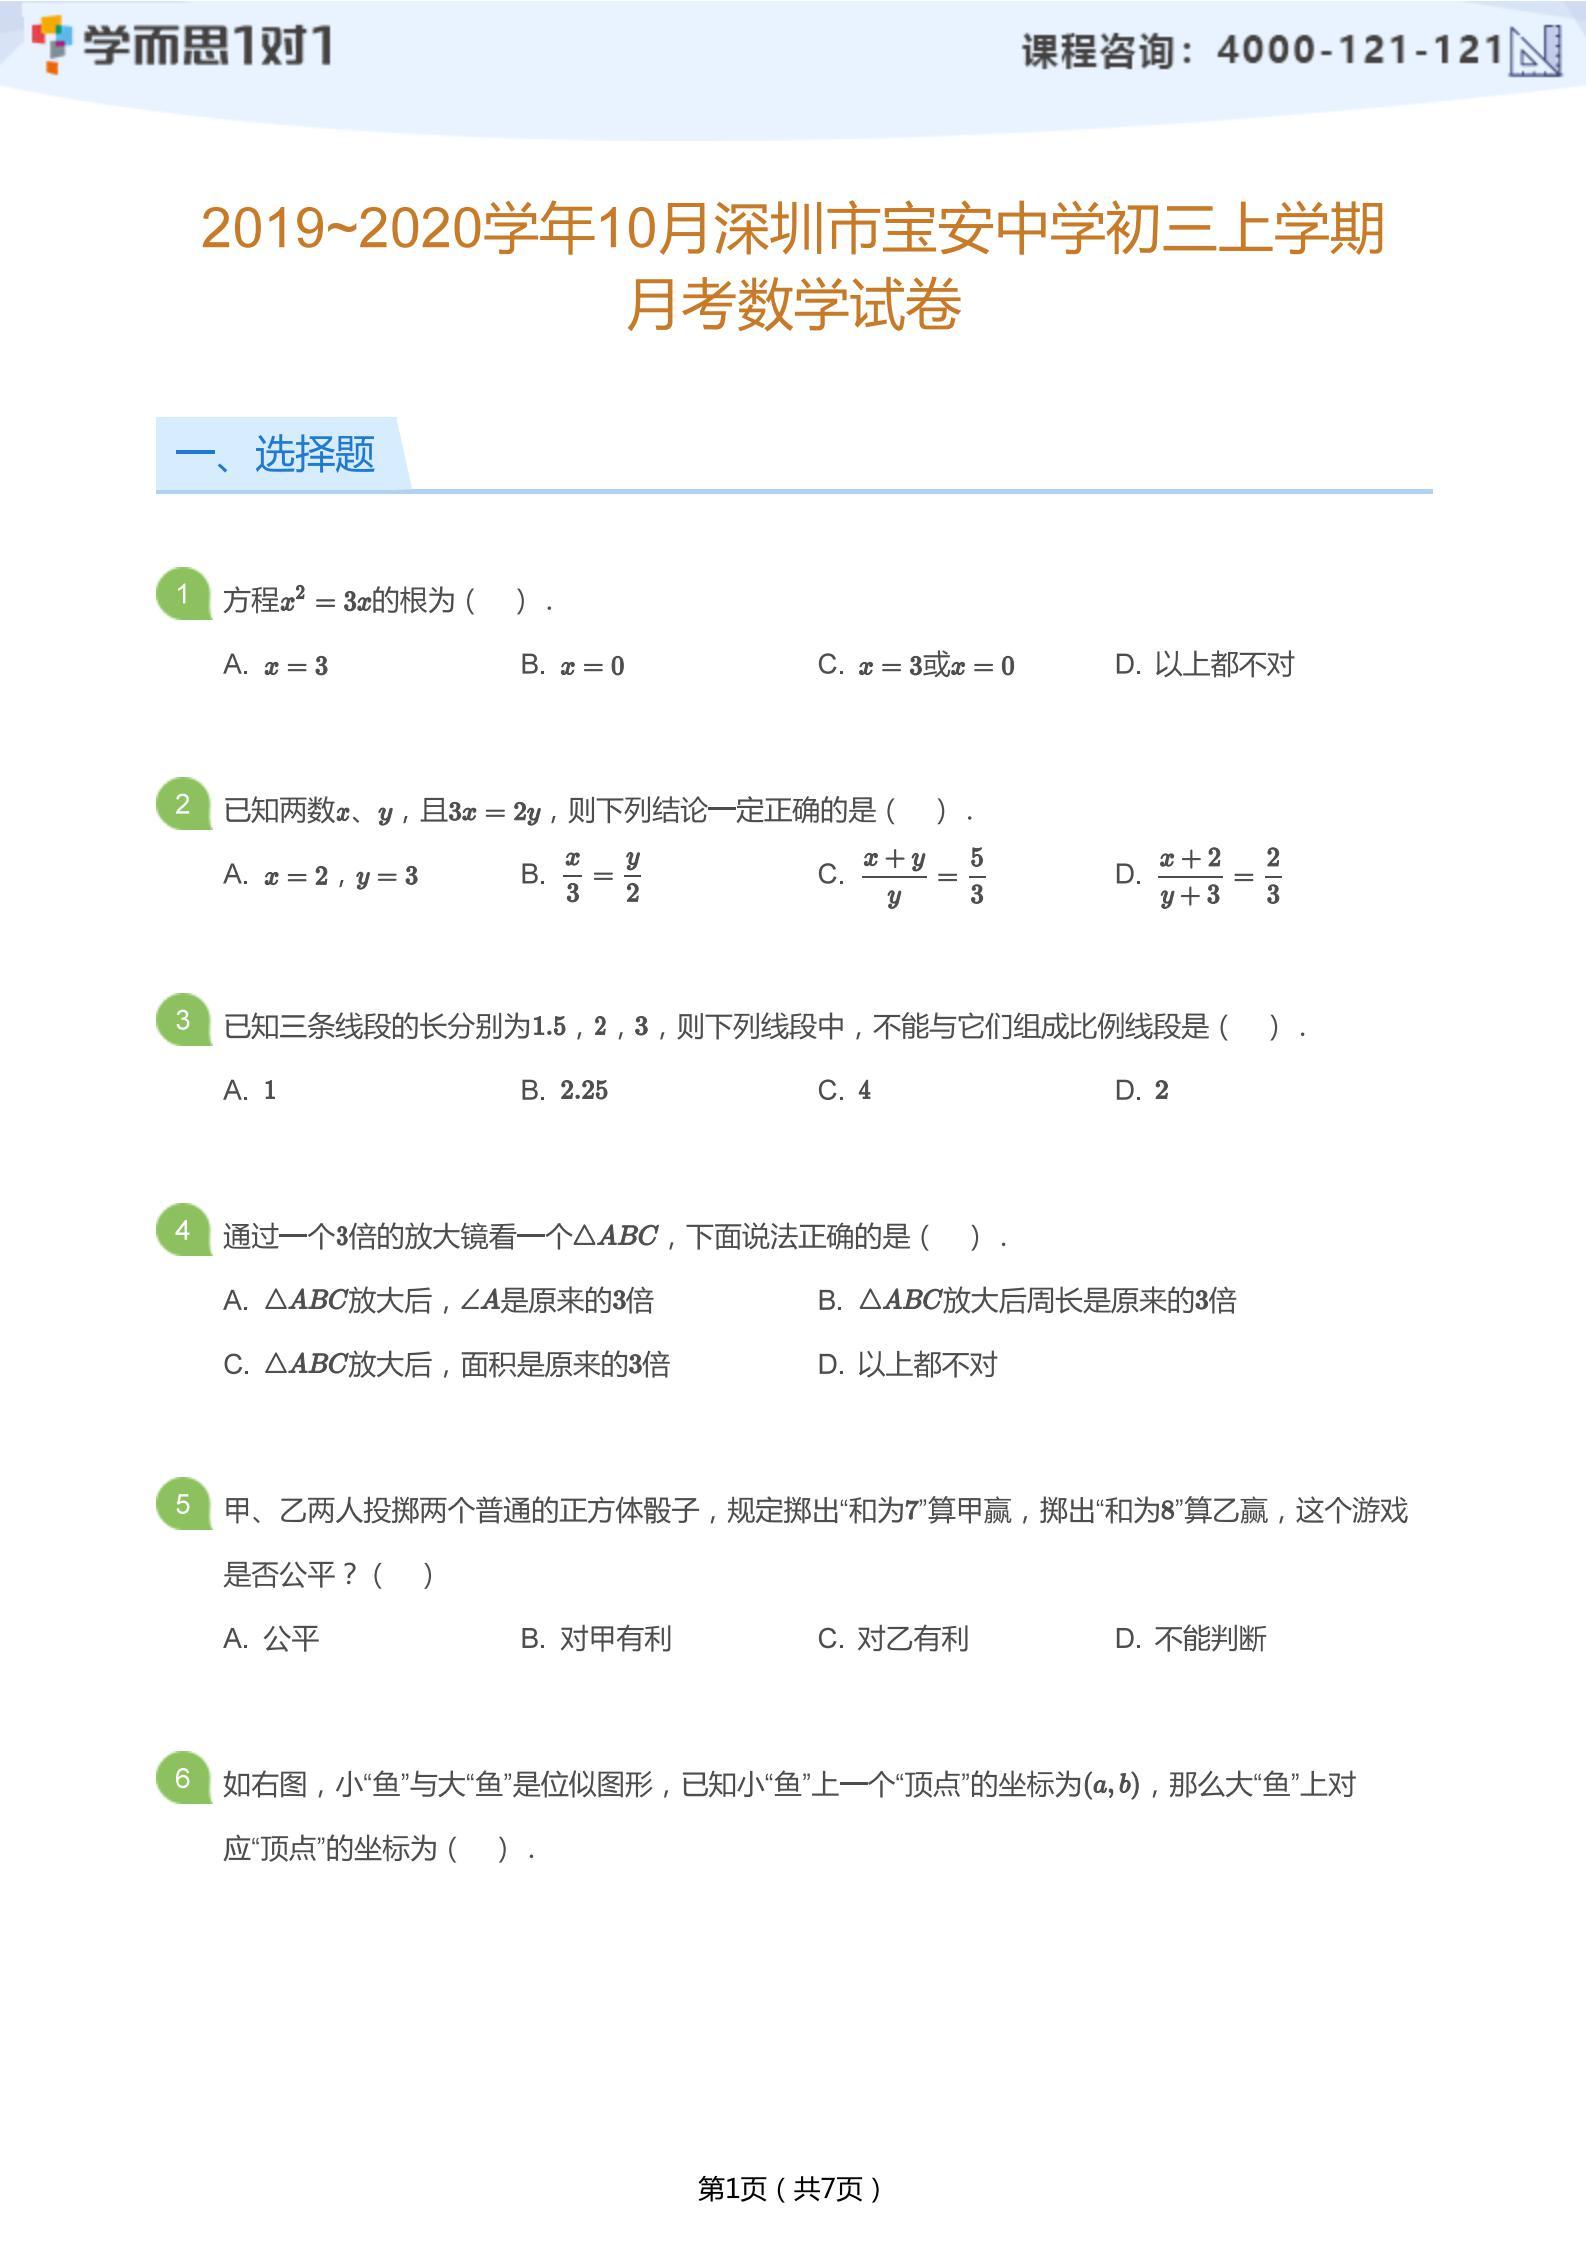 2019-2020学年10月深圳宝安中学初三上月考数学试卷及答案